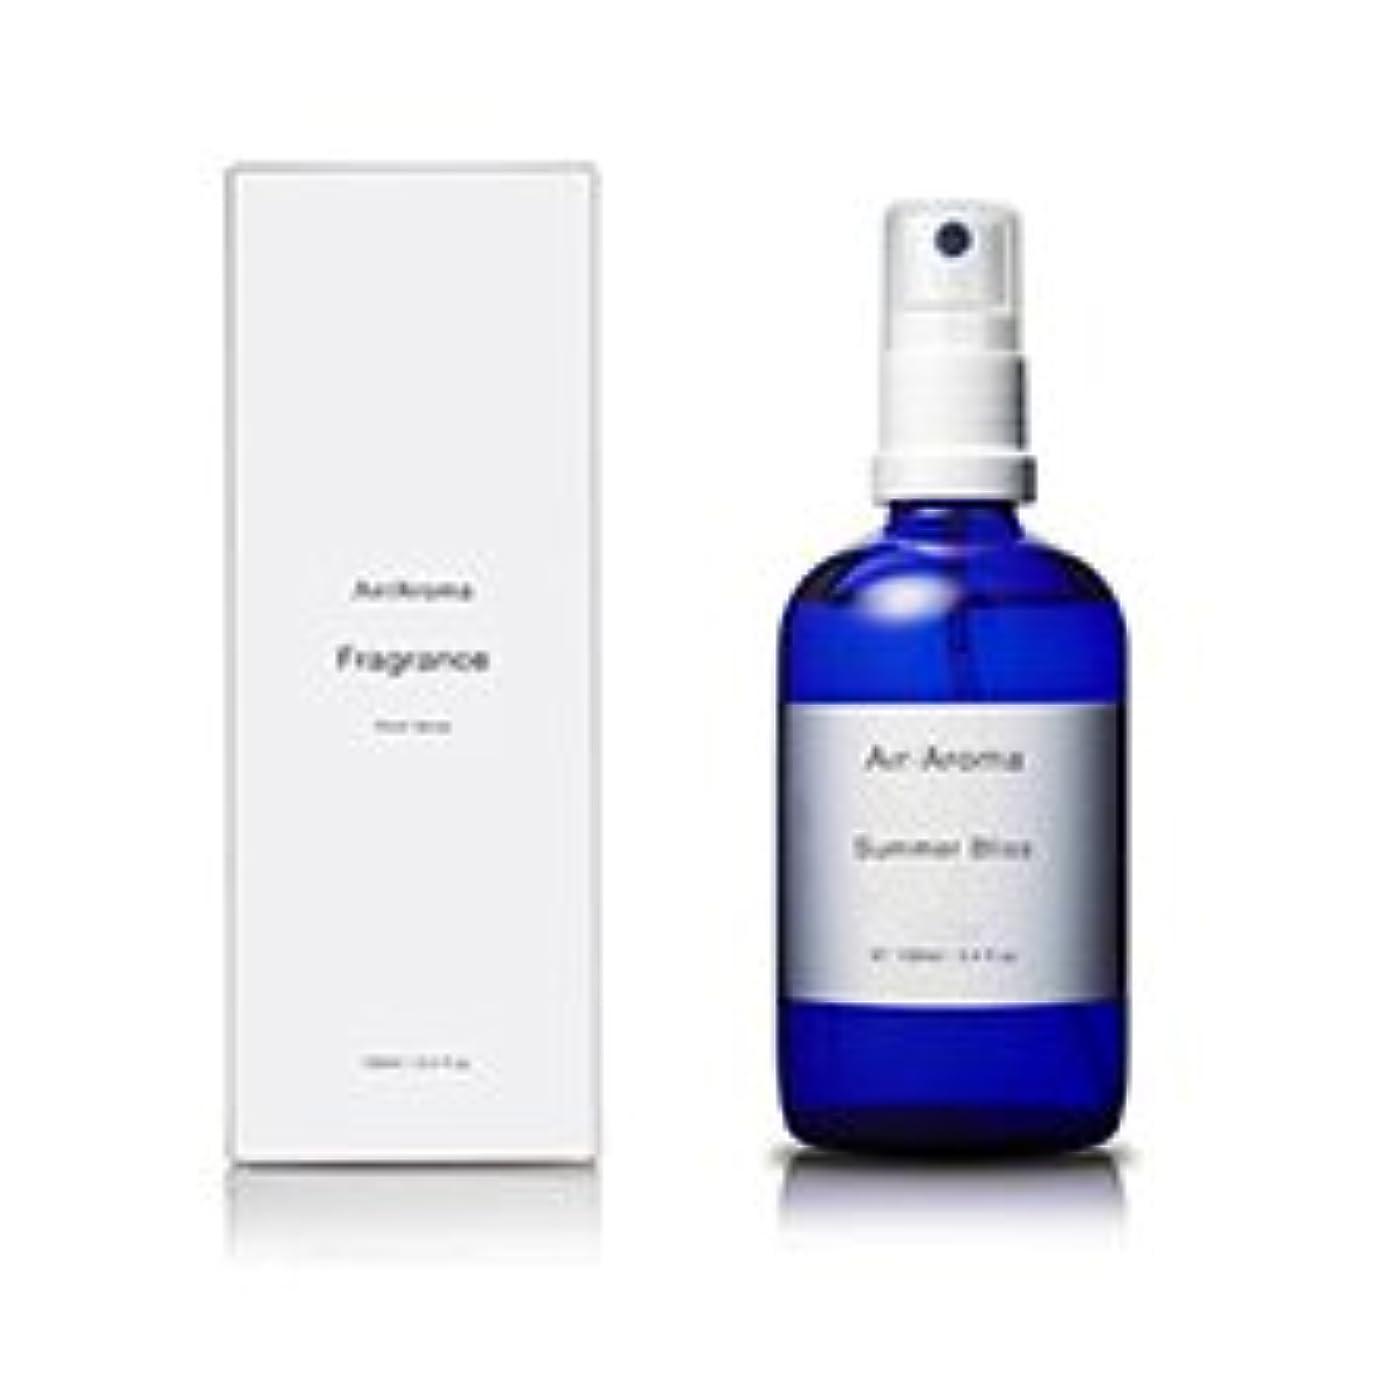 時間厳守土地肘エアアロマ summer bliss room fragrance (サマーブリス ルームフレグランス) 100ml